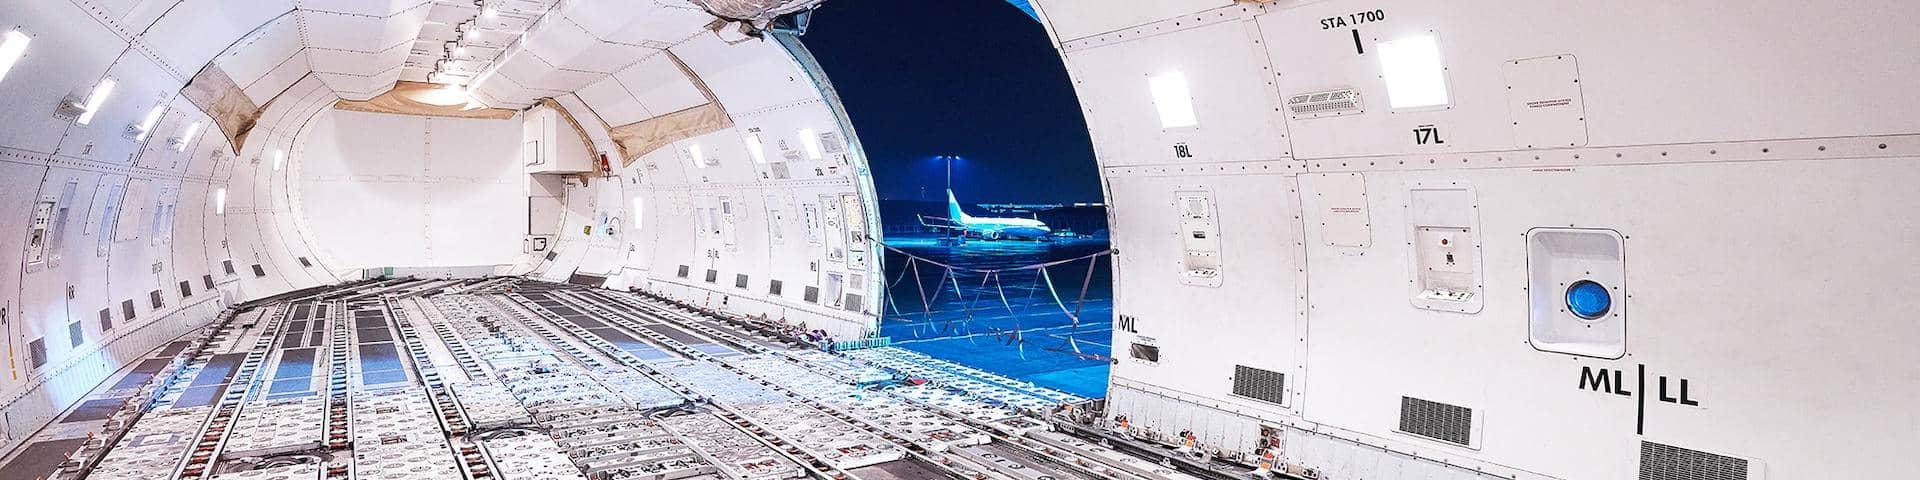 DB Schenker Air Freight Cargo IQ Inside Plane empty